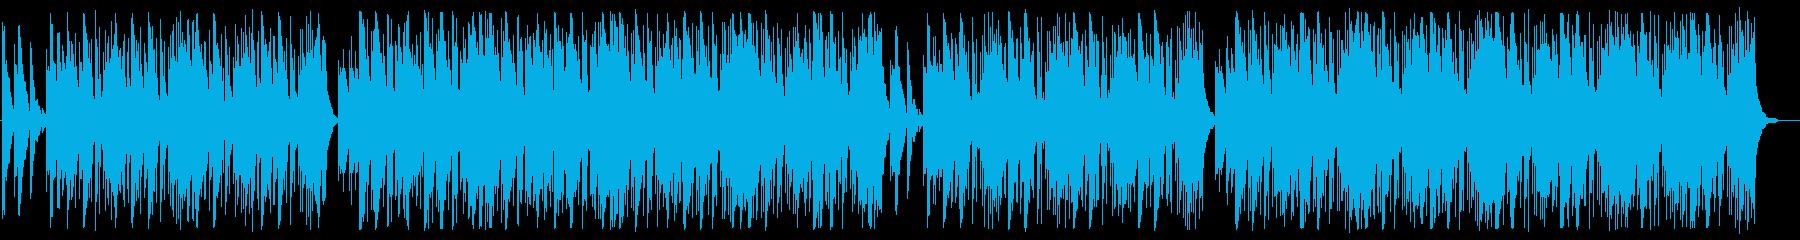 爽やか/開放的/テクノ_No513の再生済みの波形